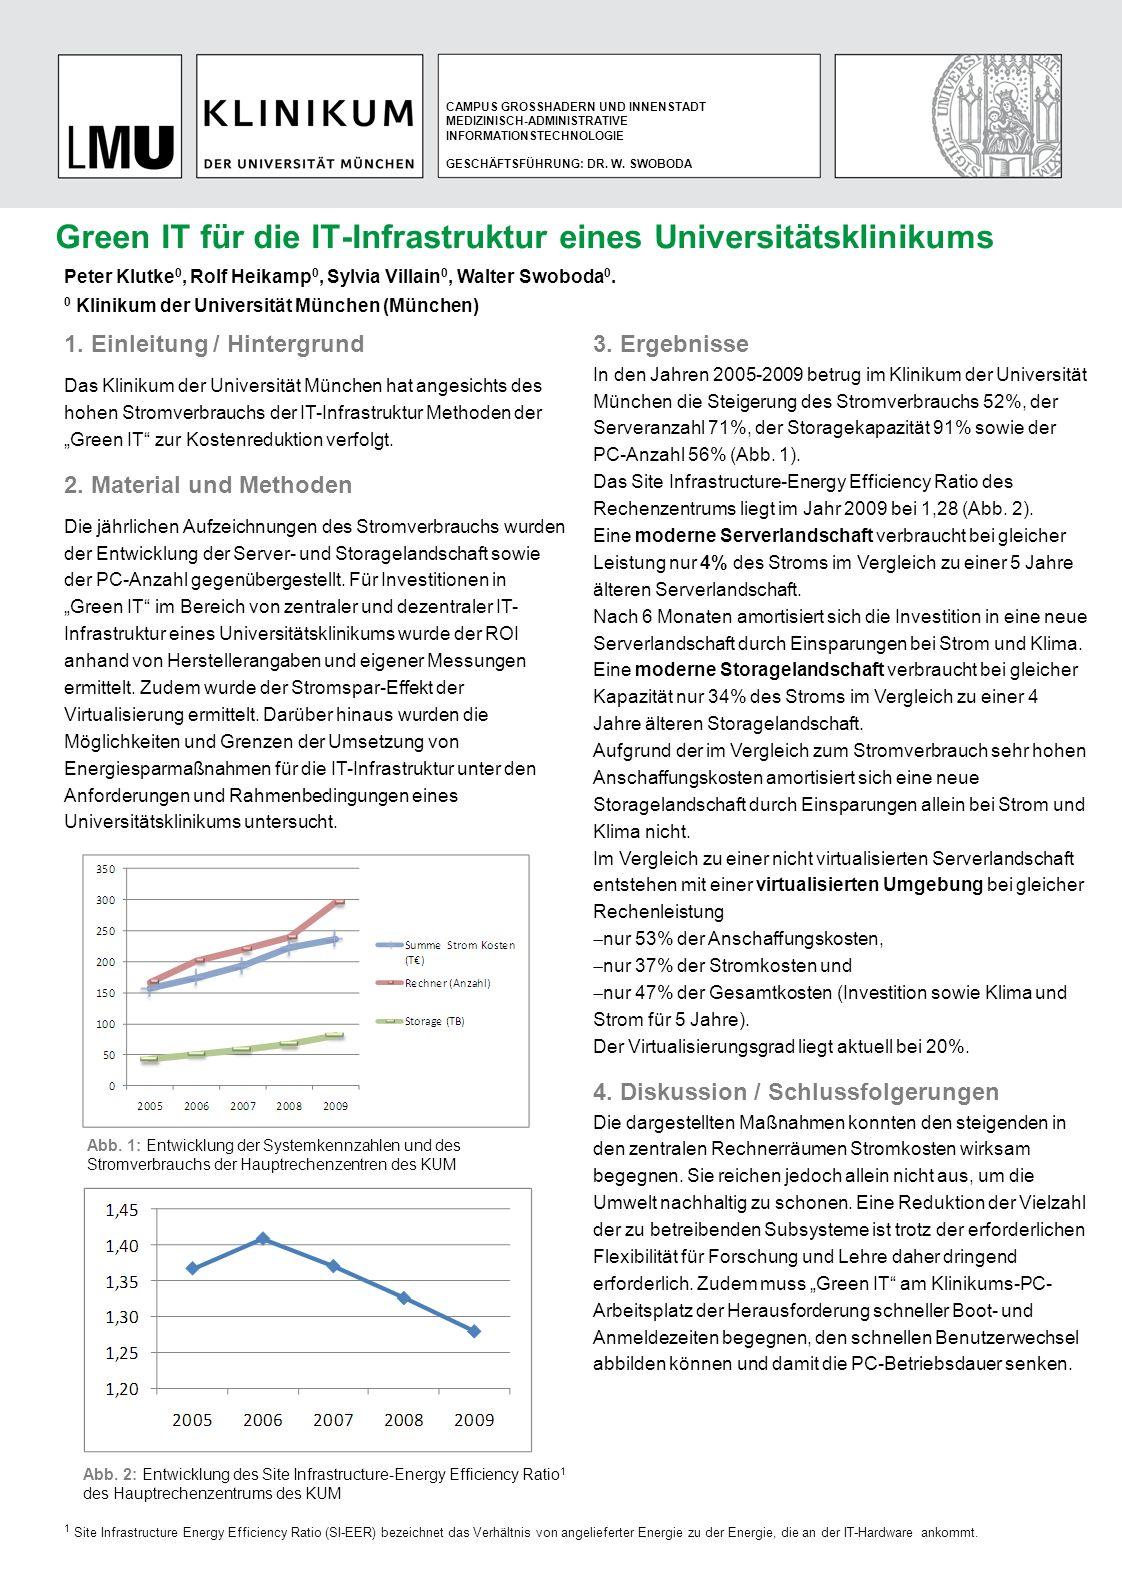 Green IT für die IT-Infrastruktur eines Universitätsklinikums CAMPUS GROSSHADERN UND INNENSTADT MEDIZINISCH-ADMINISTRATIVE INFORMATIONSTECHNOLOGIE GES